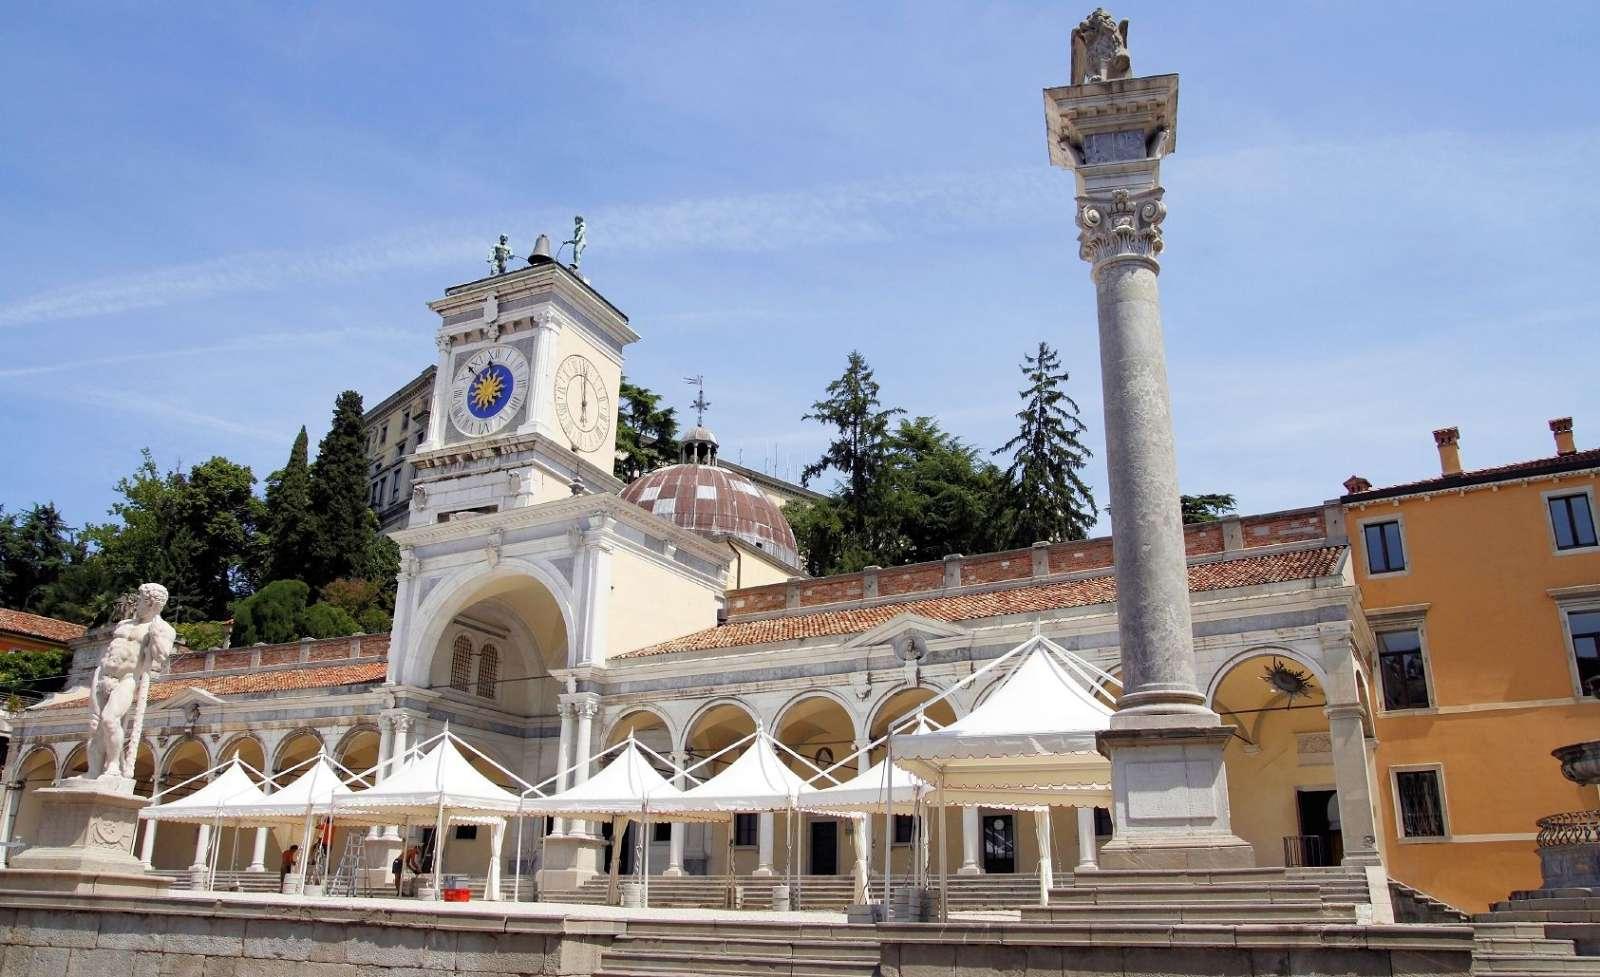 Piazza della Libertà, Loggia di San Giovanni og Torre del'Orologio